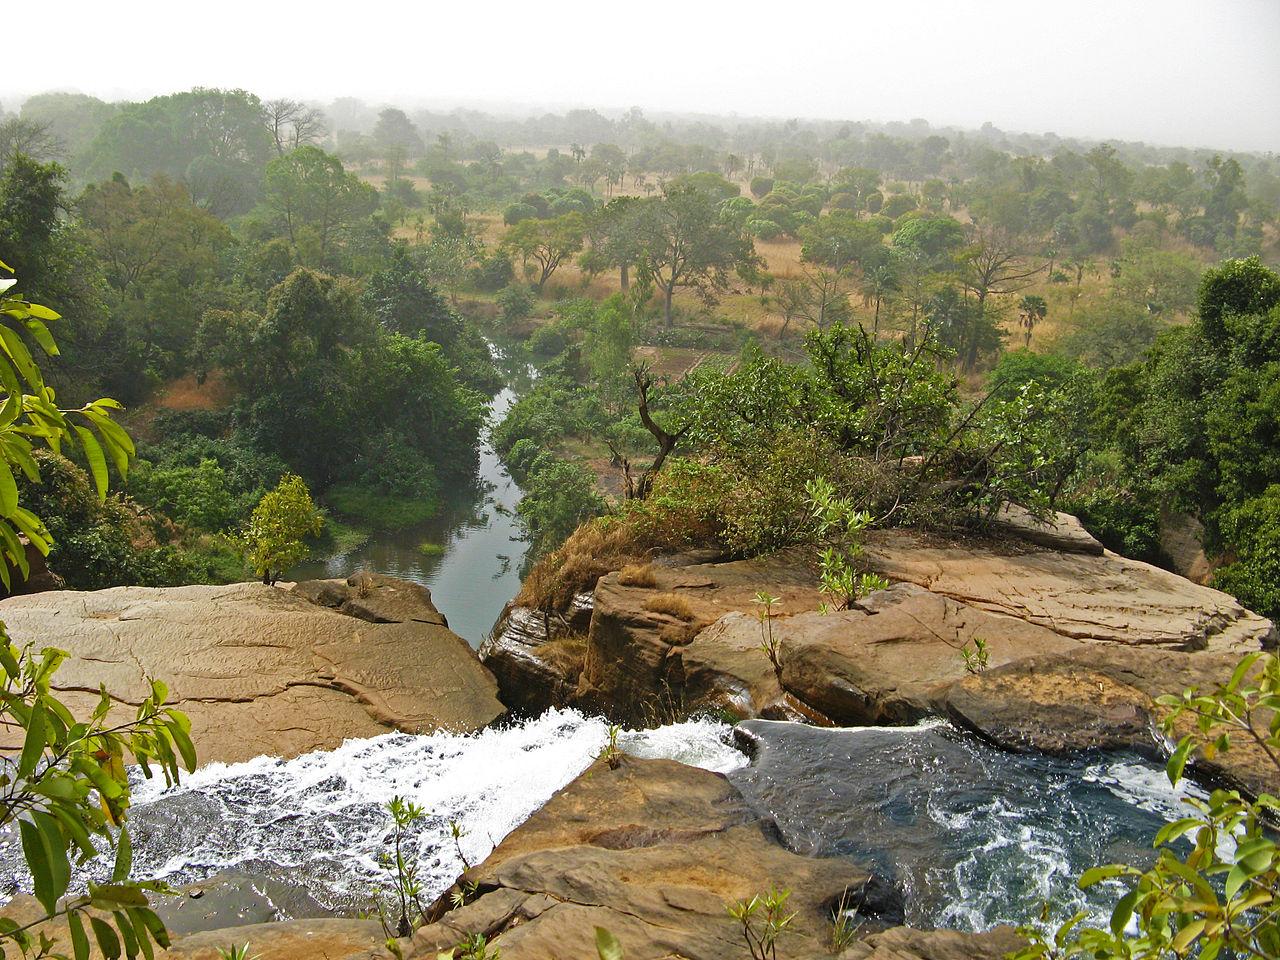 Cascades de Karfiguela, Burkina Faso